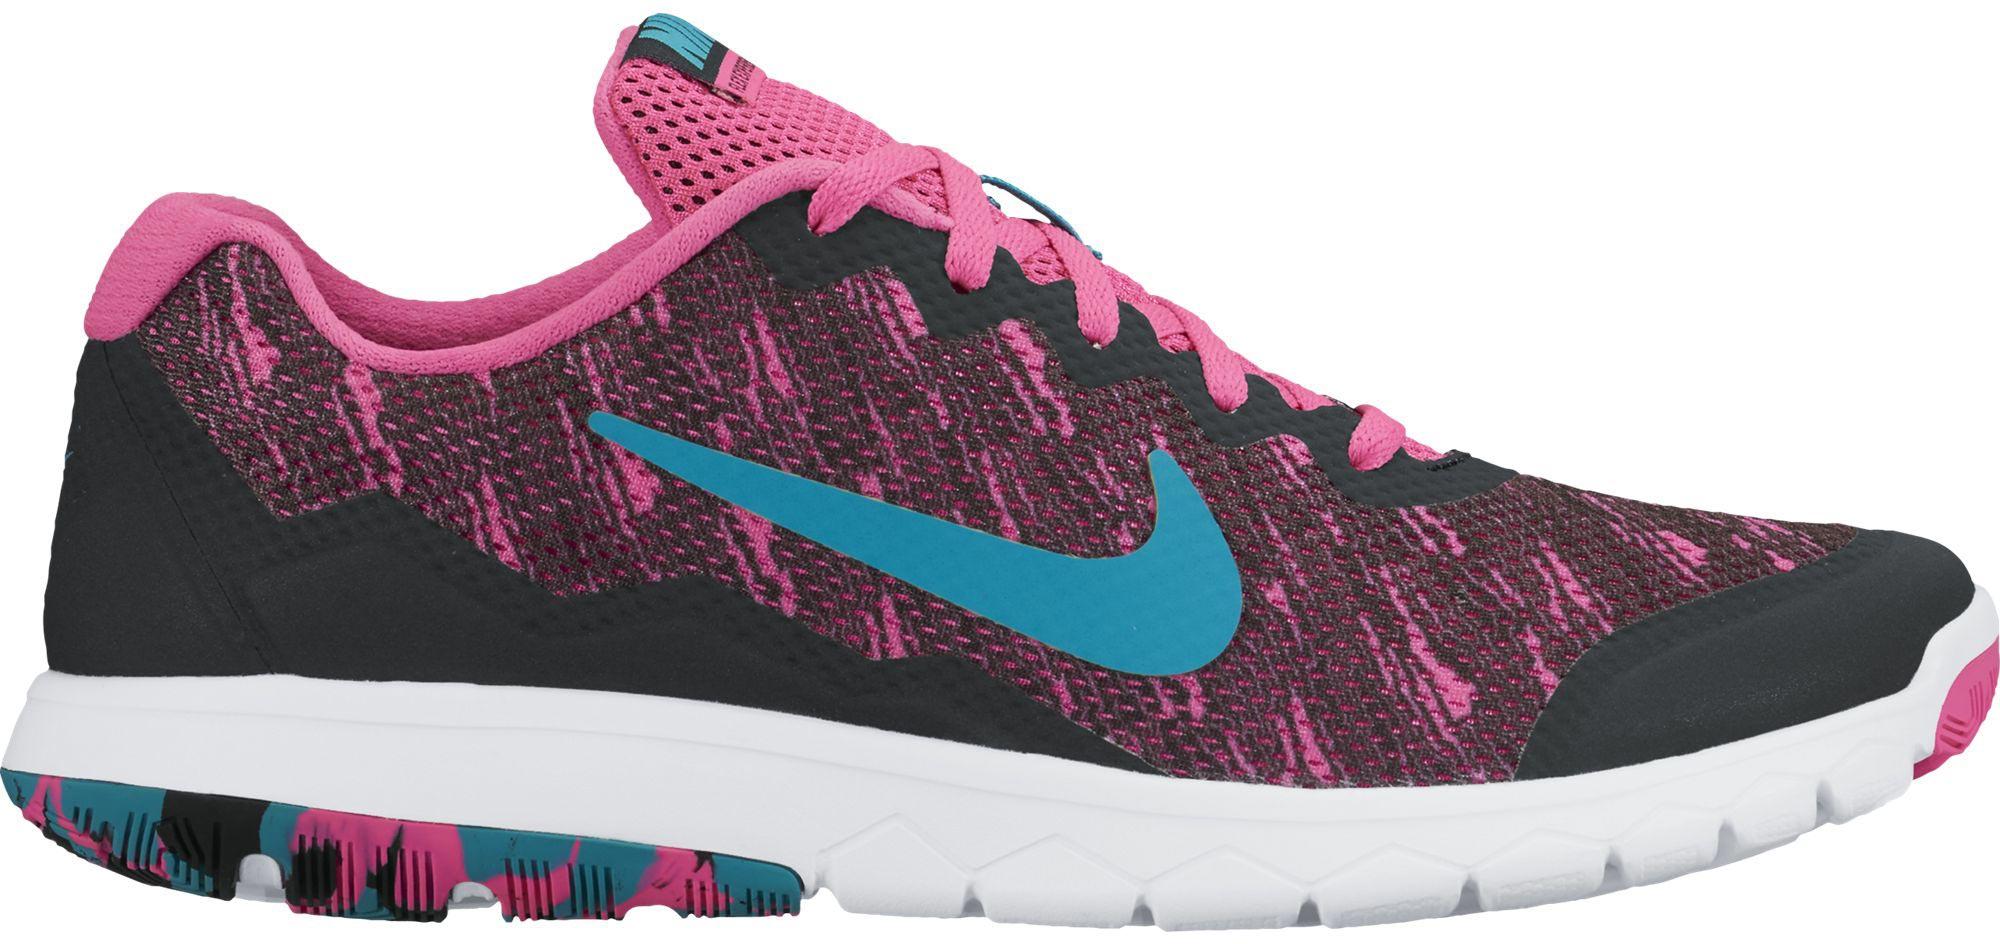 68629a0853c5 Nike WMNS FLEX EXPERIENCE RN 4 PREM | sportisimo.com